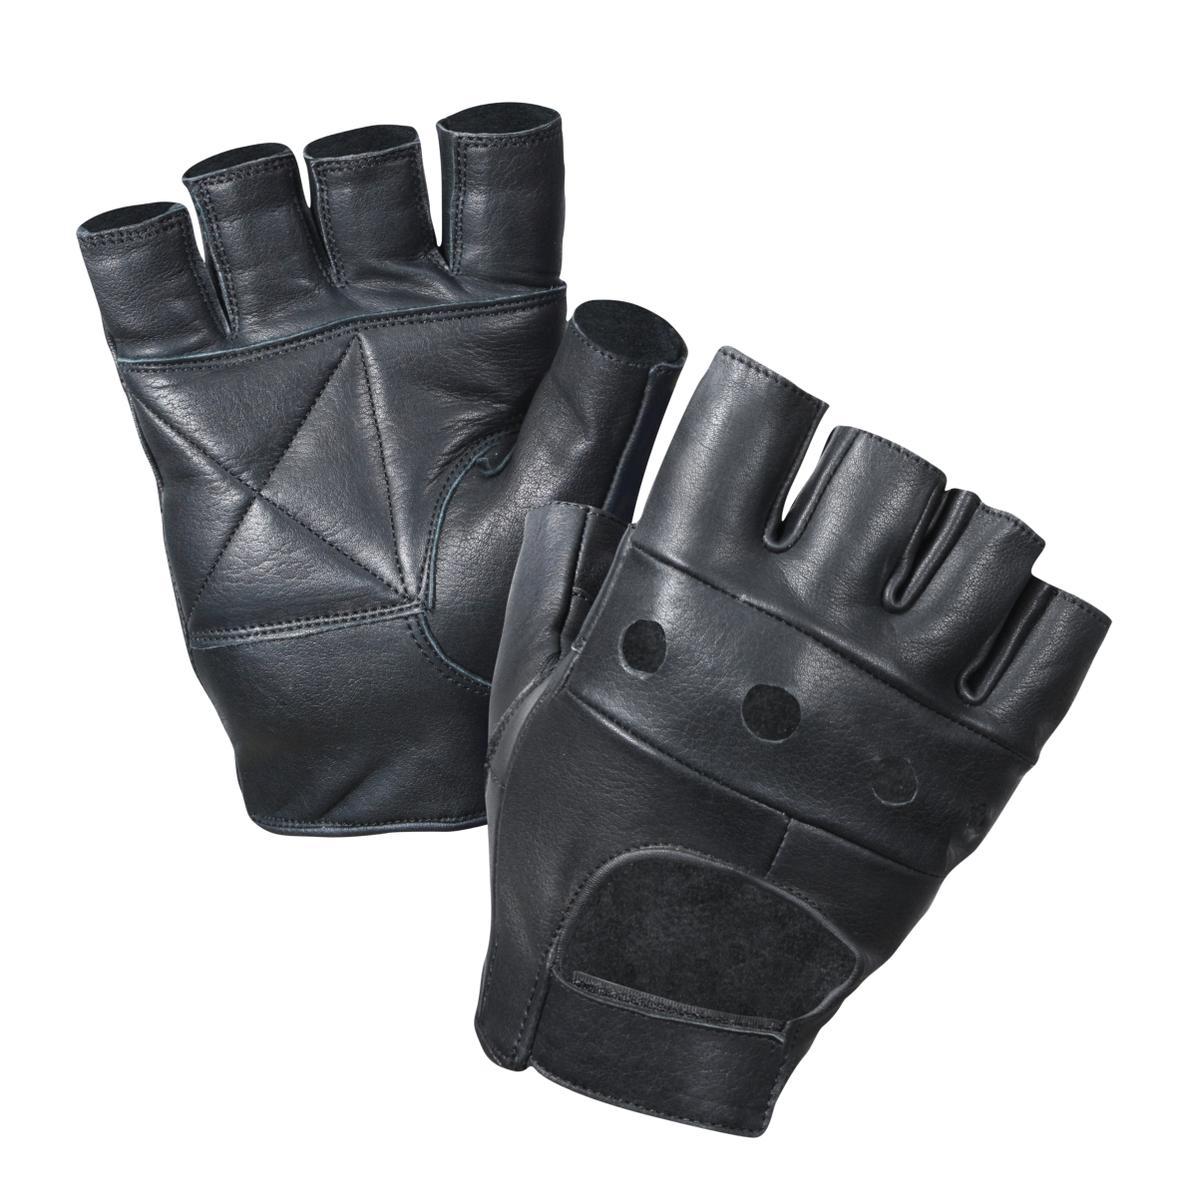 Finger-less Black Leather Gloves BRAND NEW! BRAND NEW